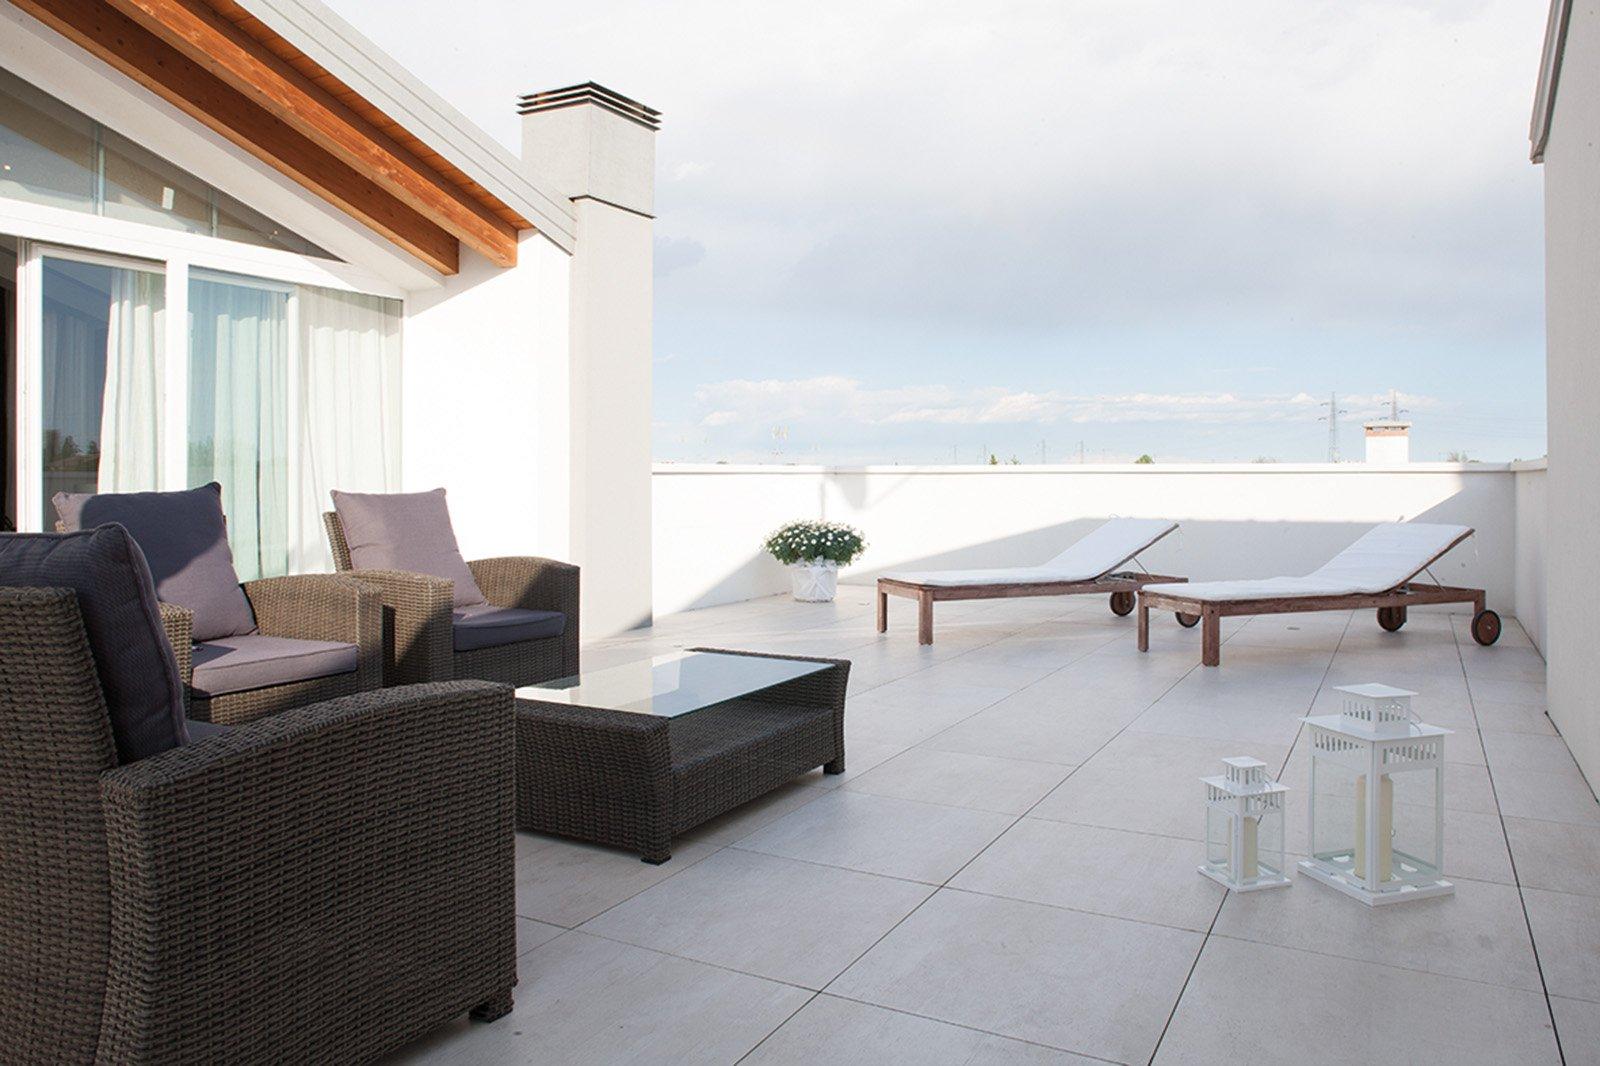 Twin floor nesite il miglior pavimento sopraelevato da - Pavimentare terrazzo esterno ...